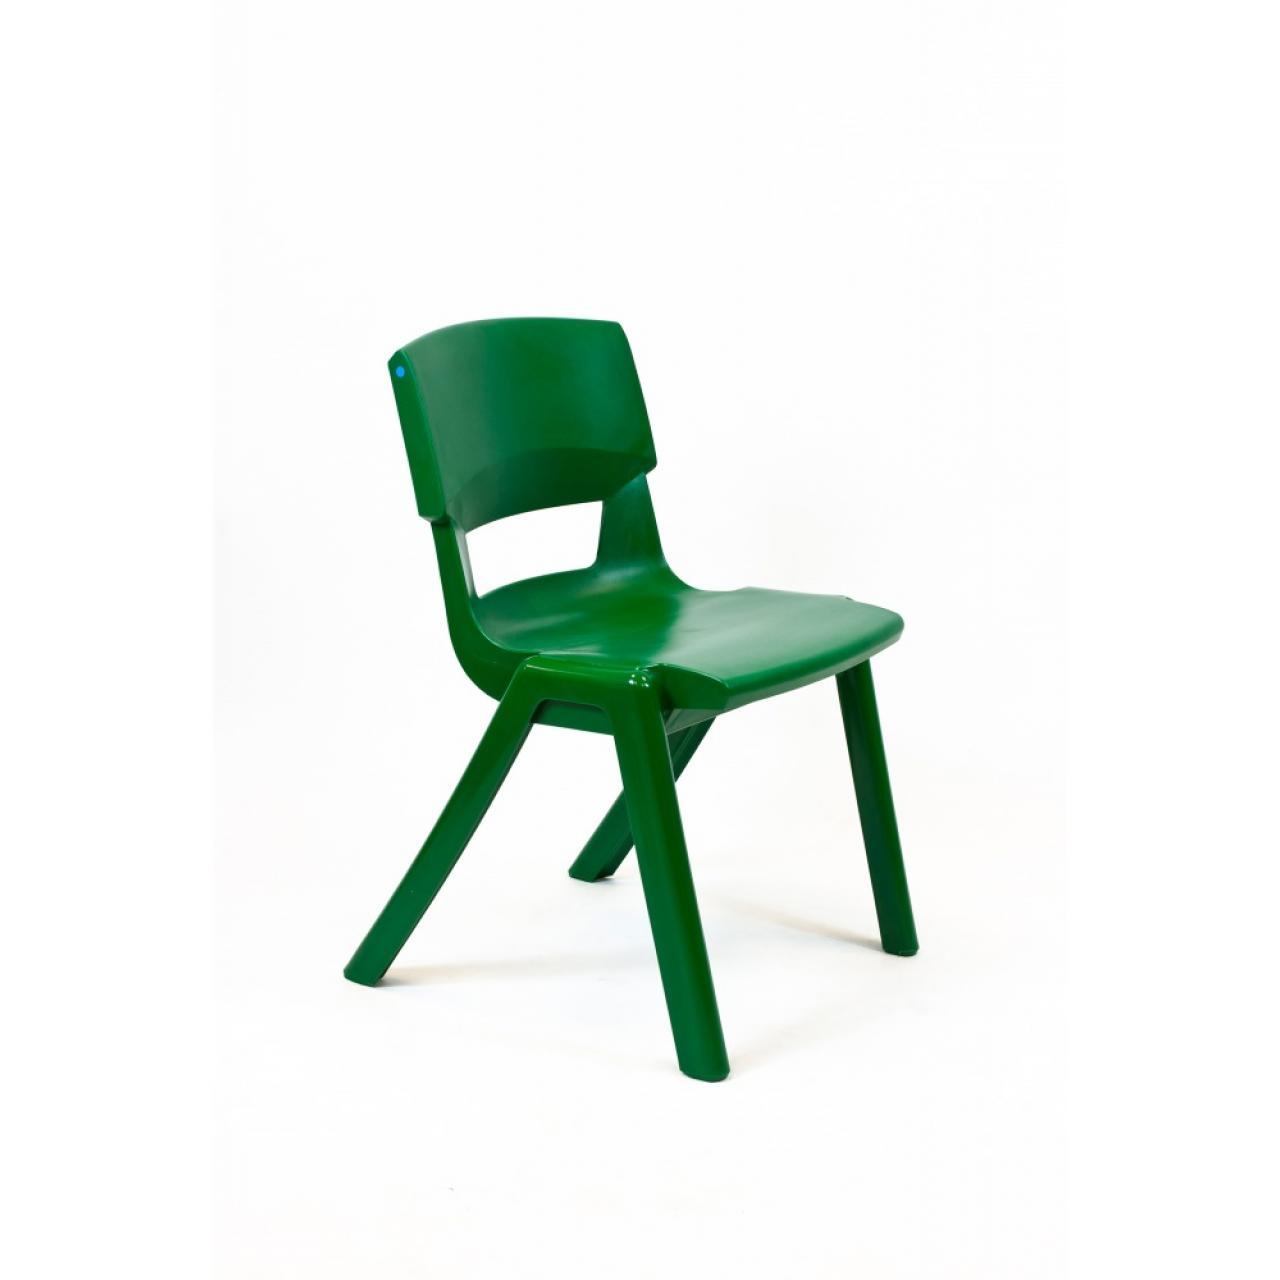 Stapelstuhl Postura grün robust pflegeleicht Kunststoff In- & Outdoor 20 Jahre Garantie